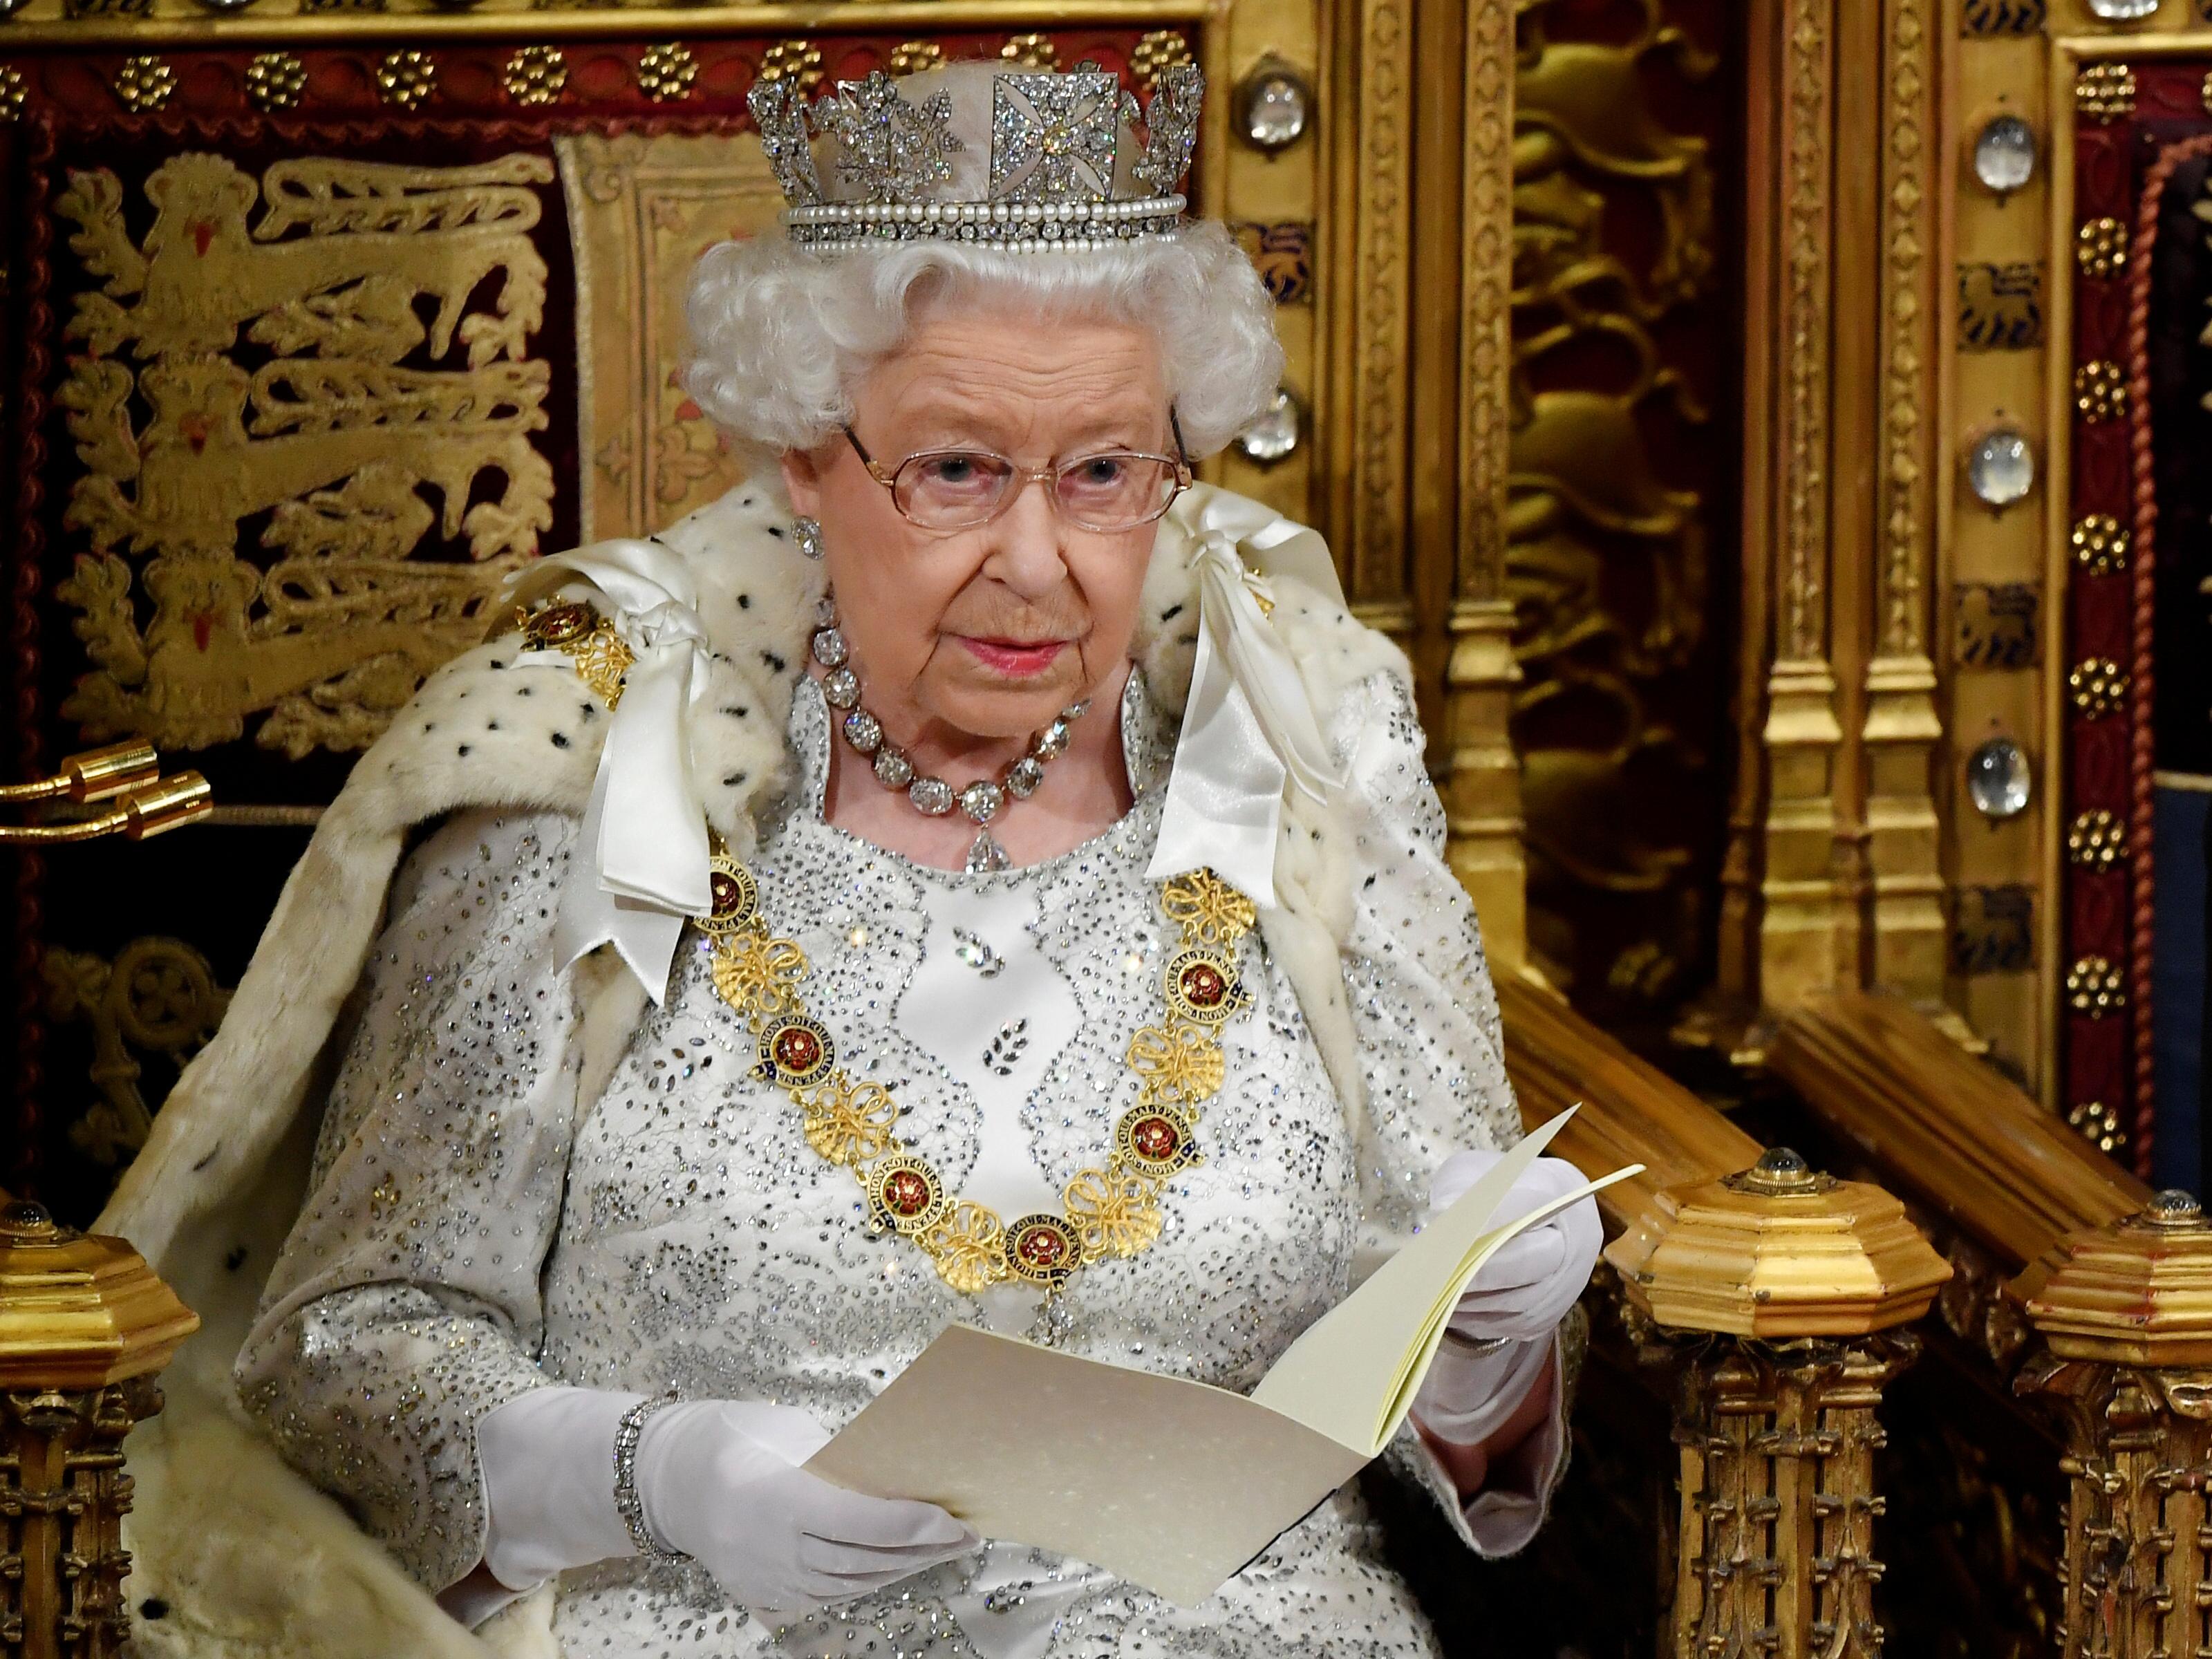 ملكة بريطانيا إليزابيث تلقي خطاب